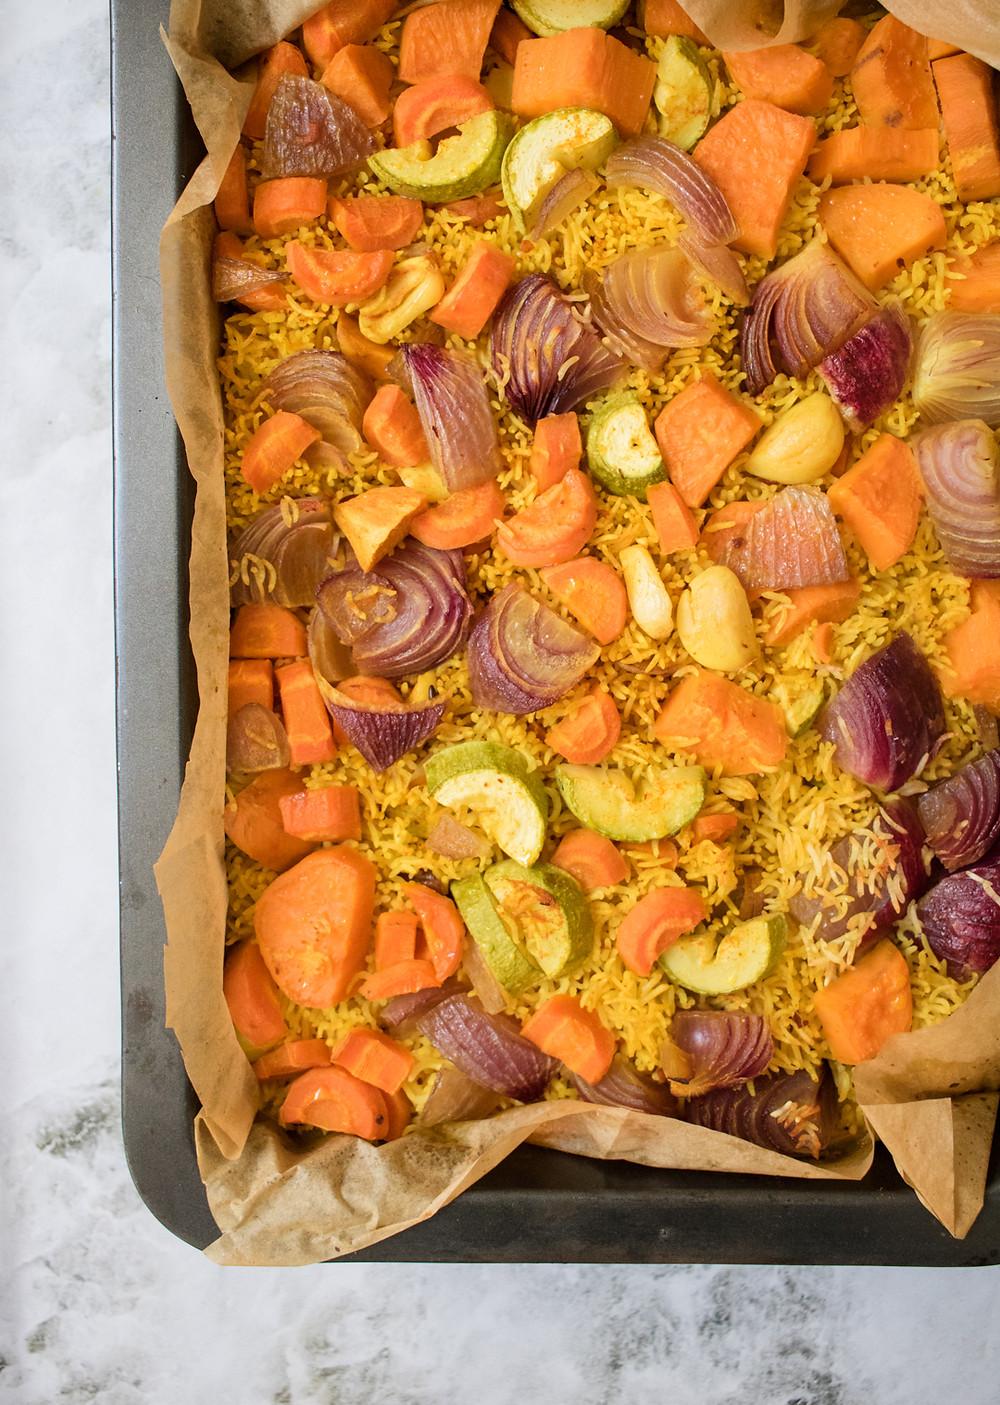 אורז צהוב אפוי בתנור עם ירקות מנה טבעונית לארוחת צהריים